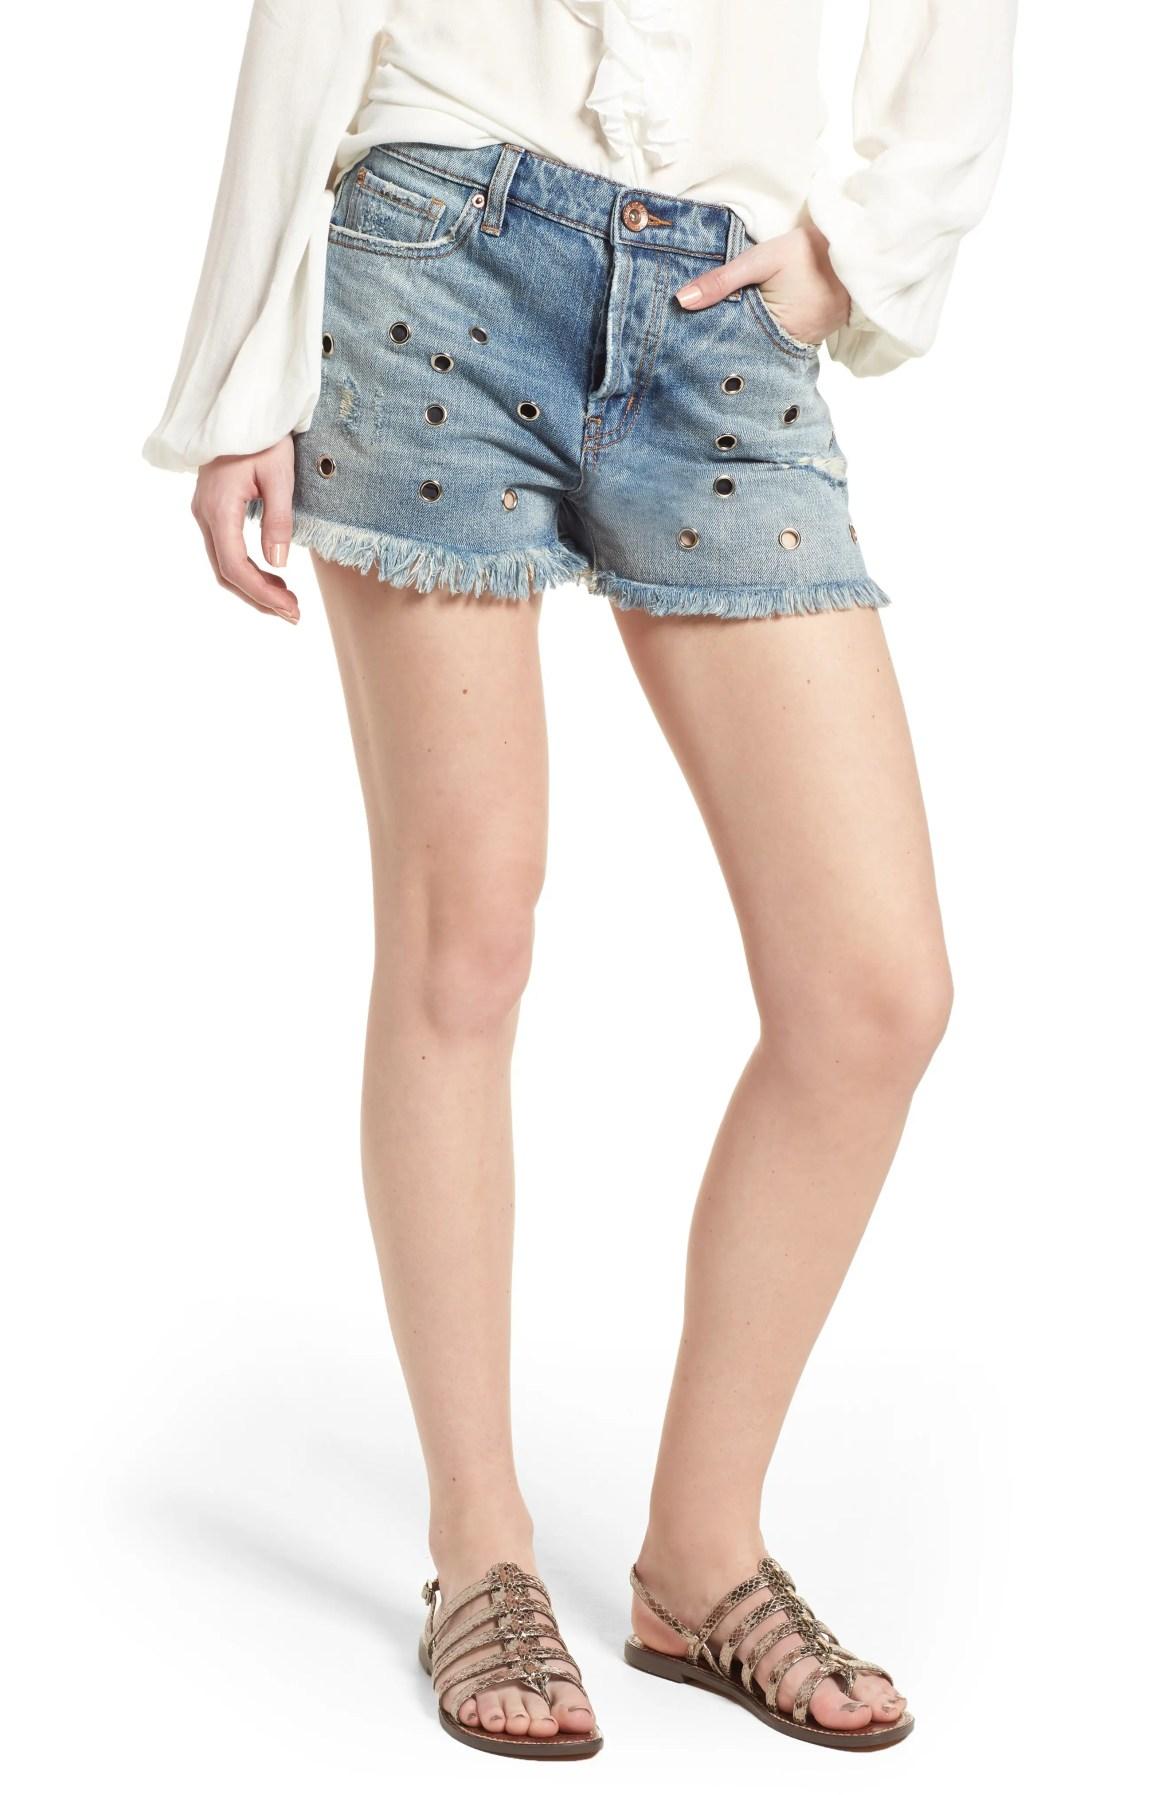 Grommet Detail Denim Shorts